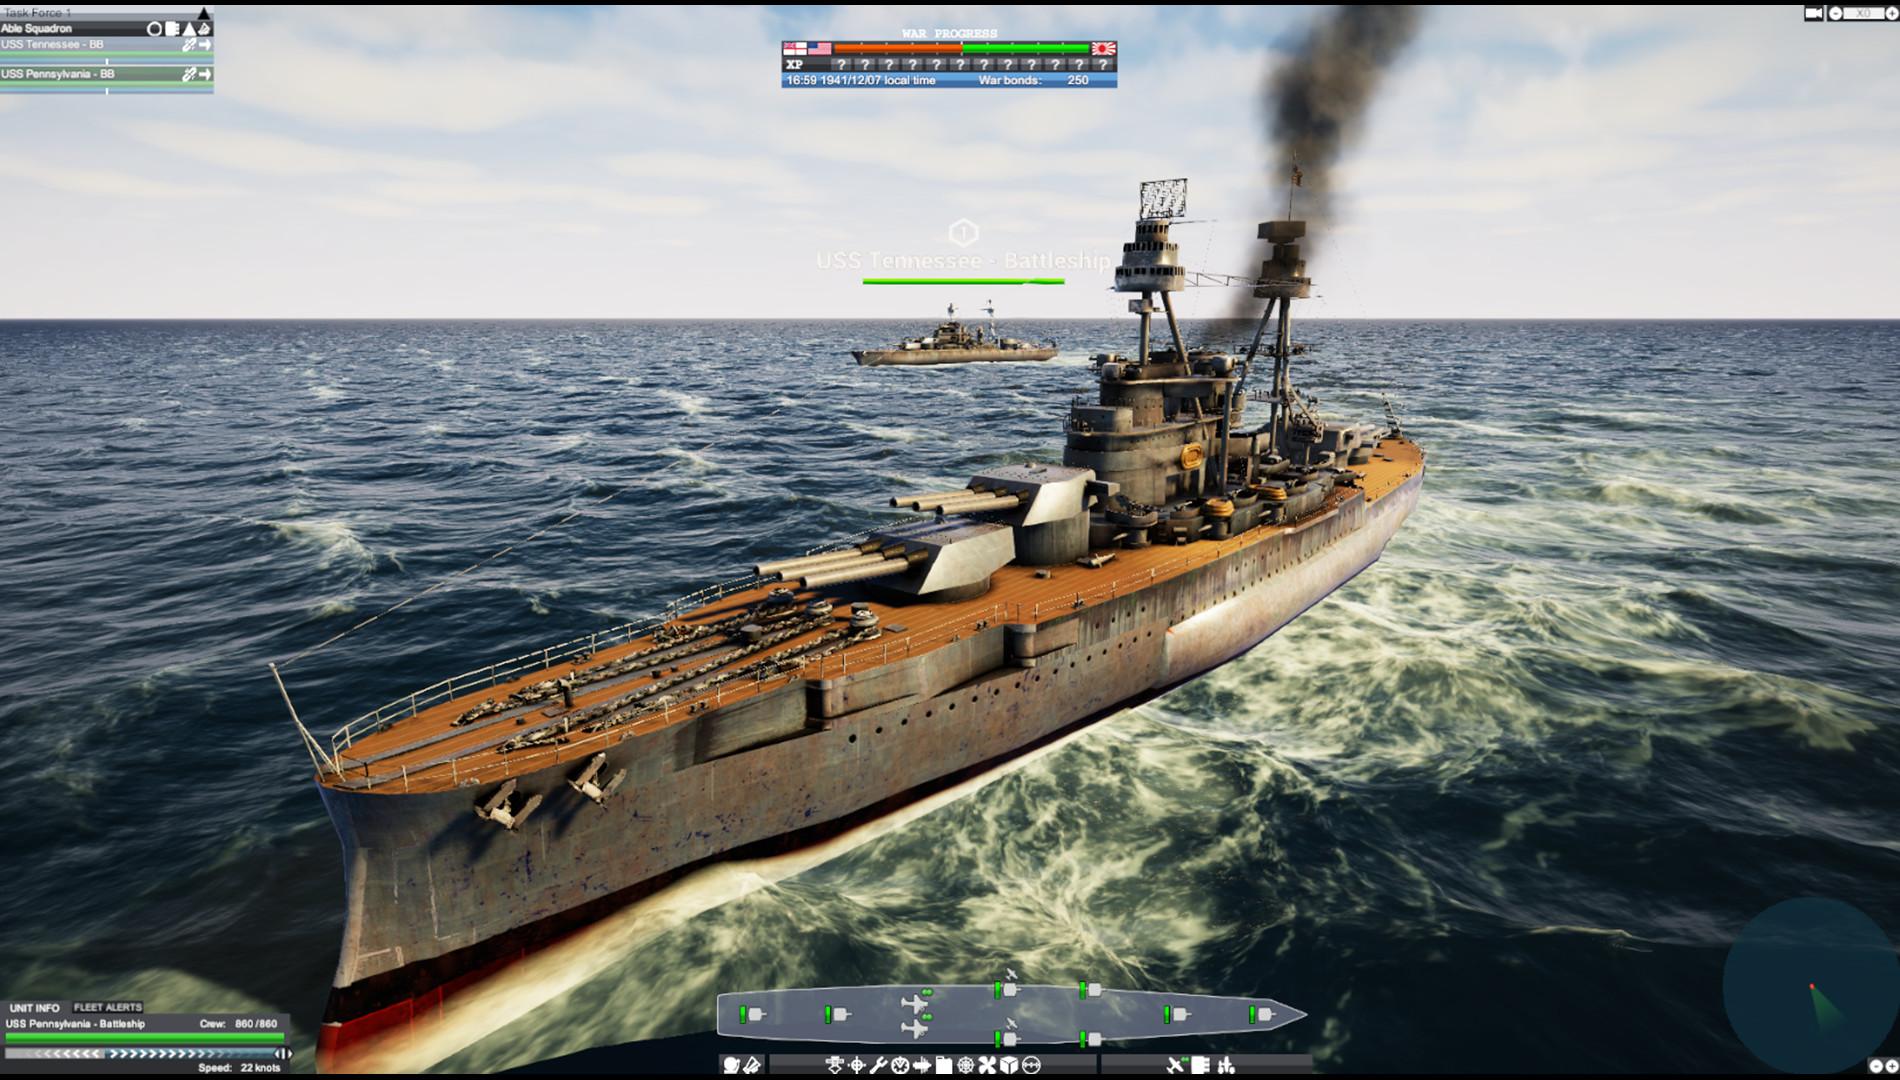 victory-at-sea-pacific-pc-screenshot-02